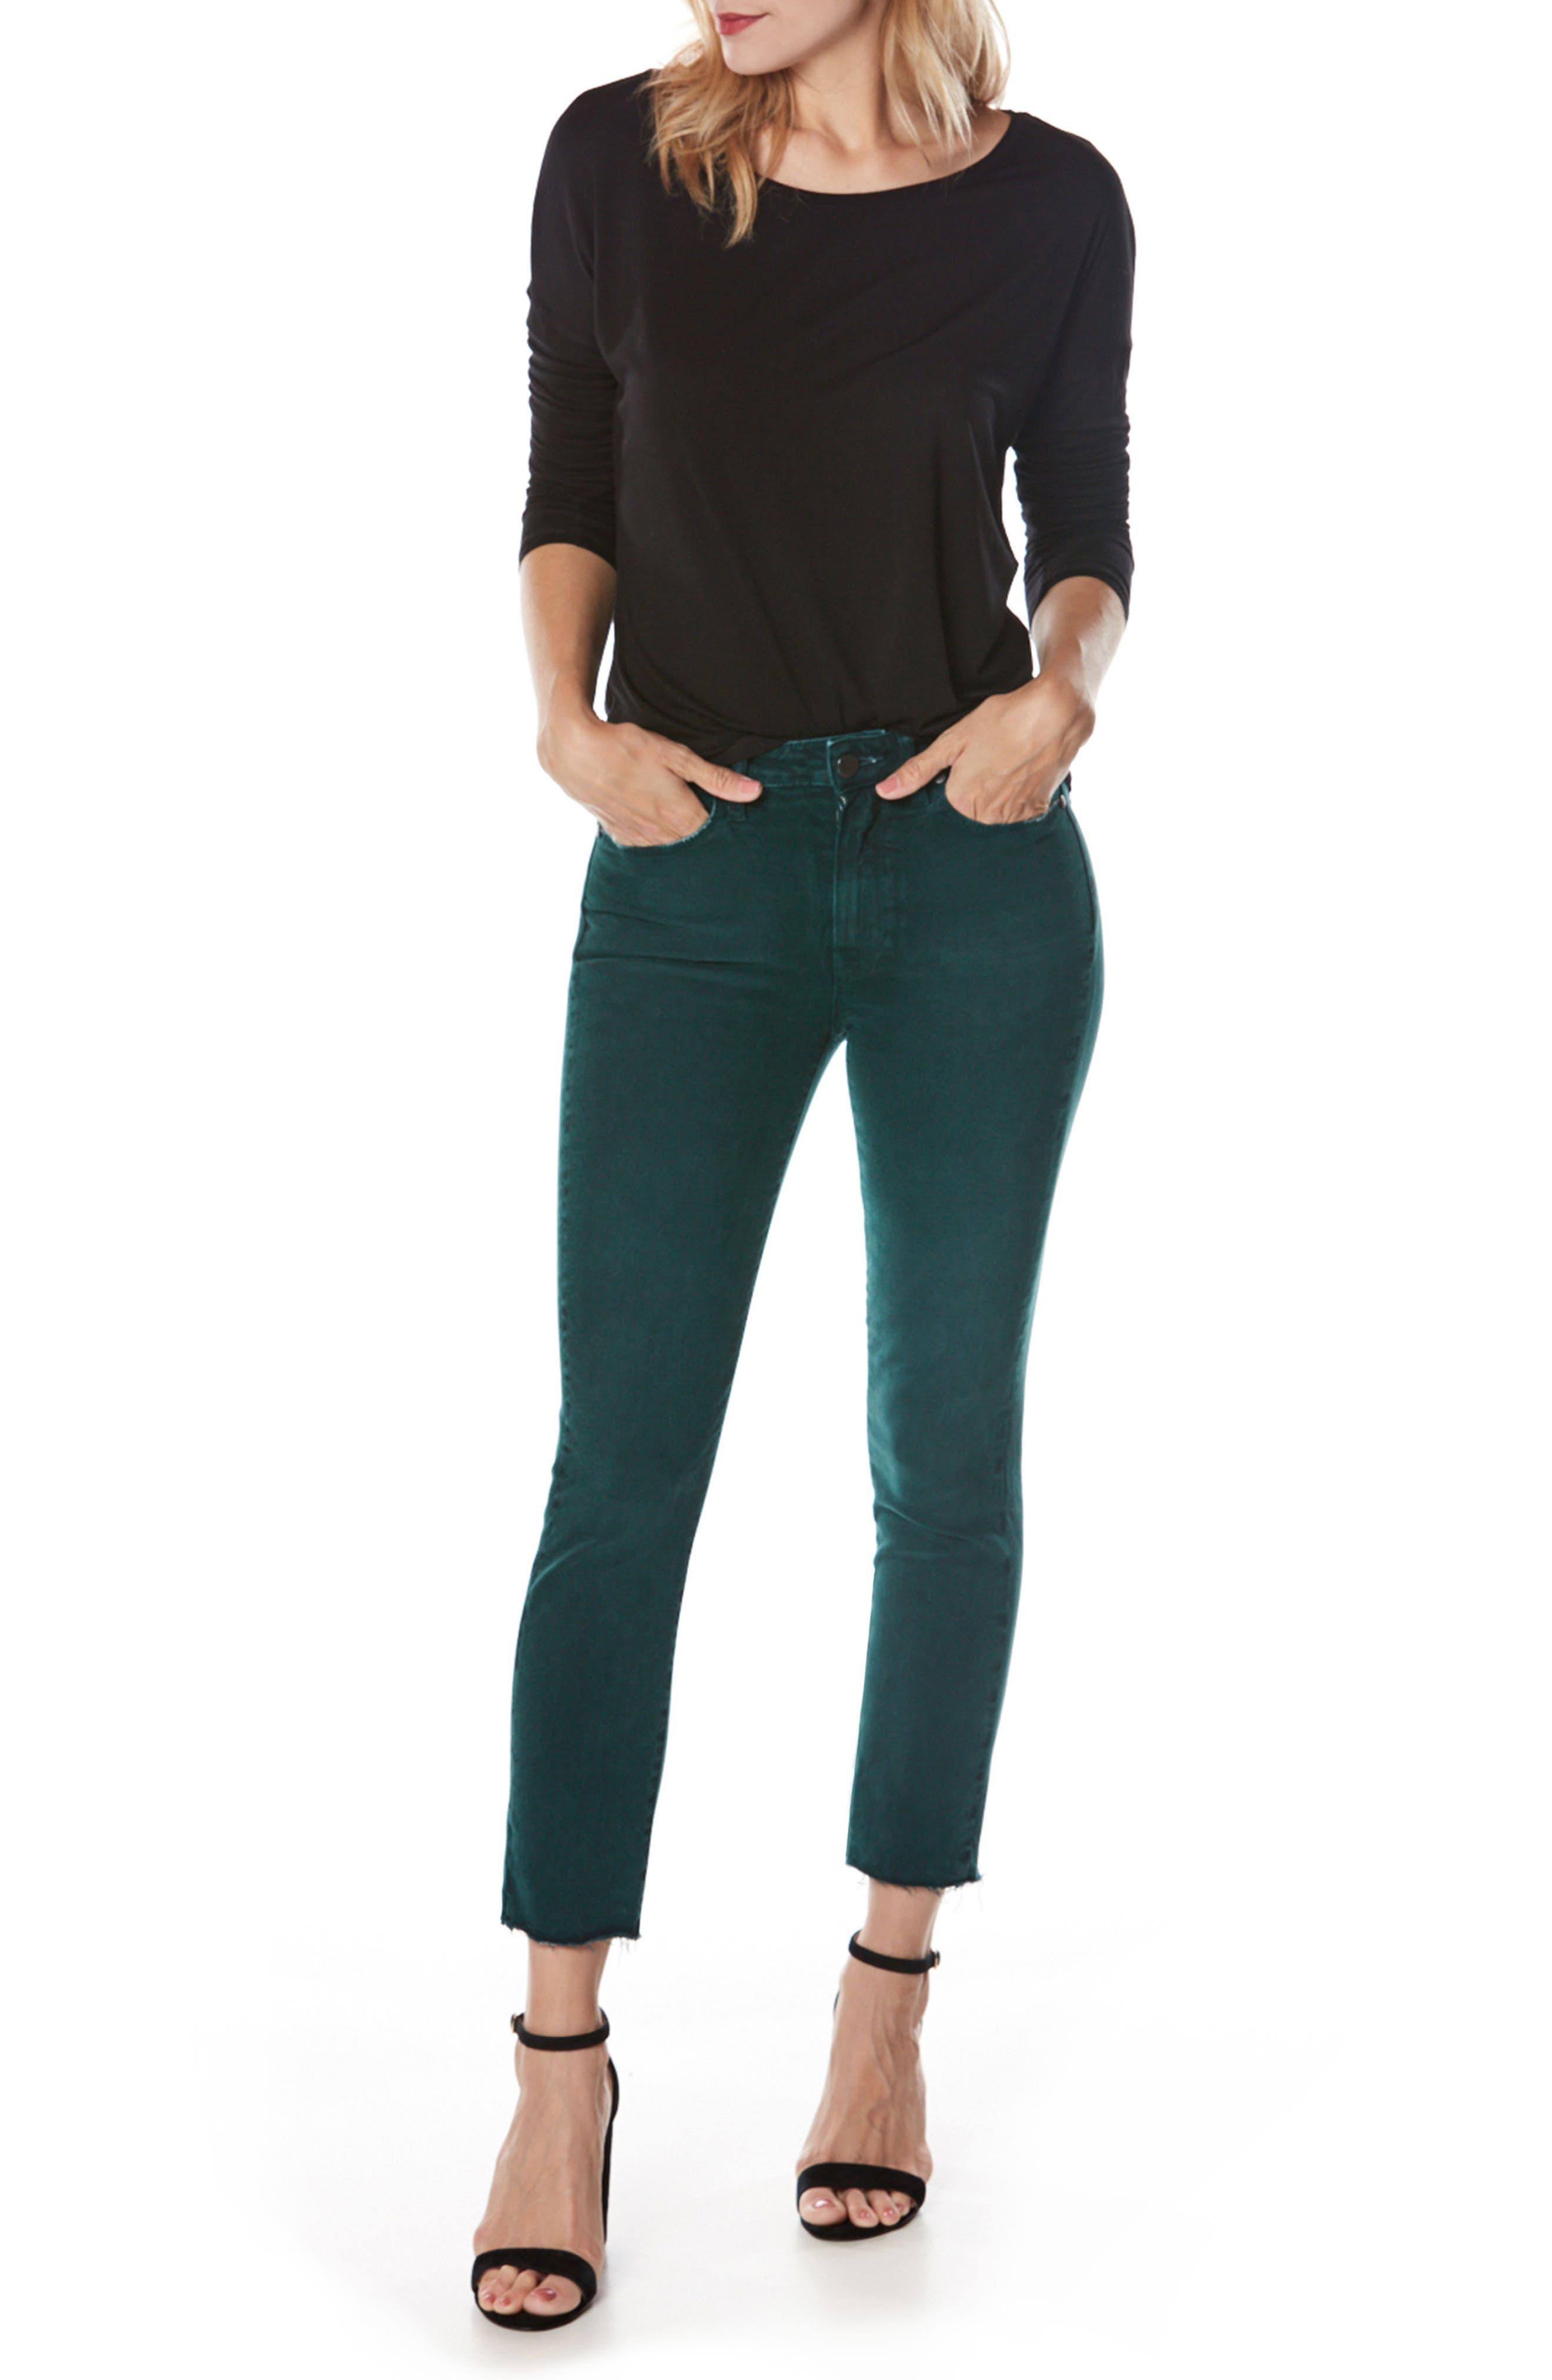 Jacqueline High Waist Crop Straight Leg Jeans,                             Alternate thumbnail 3, color,                             499